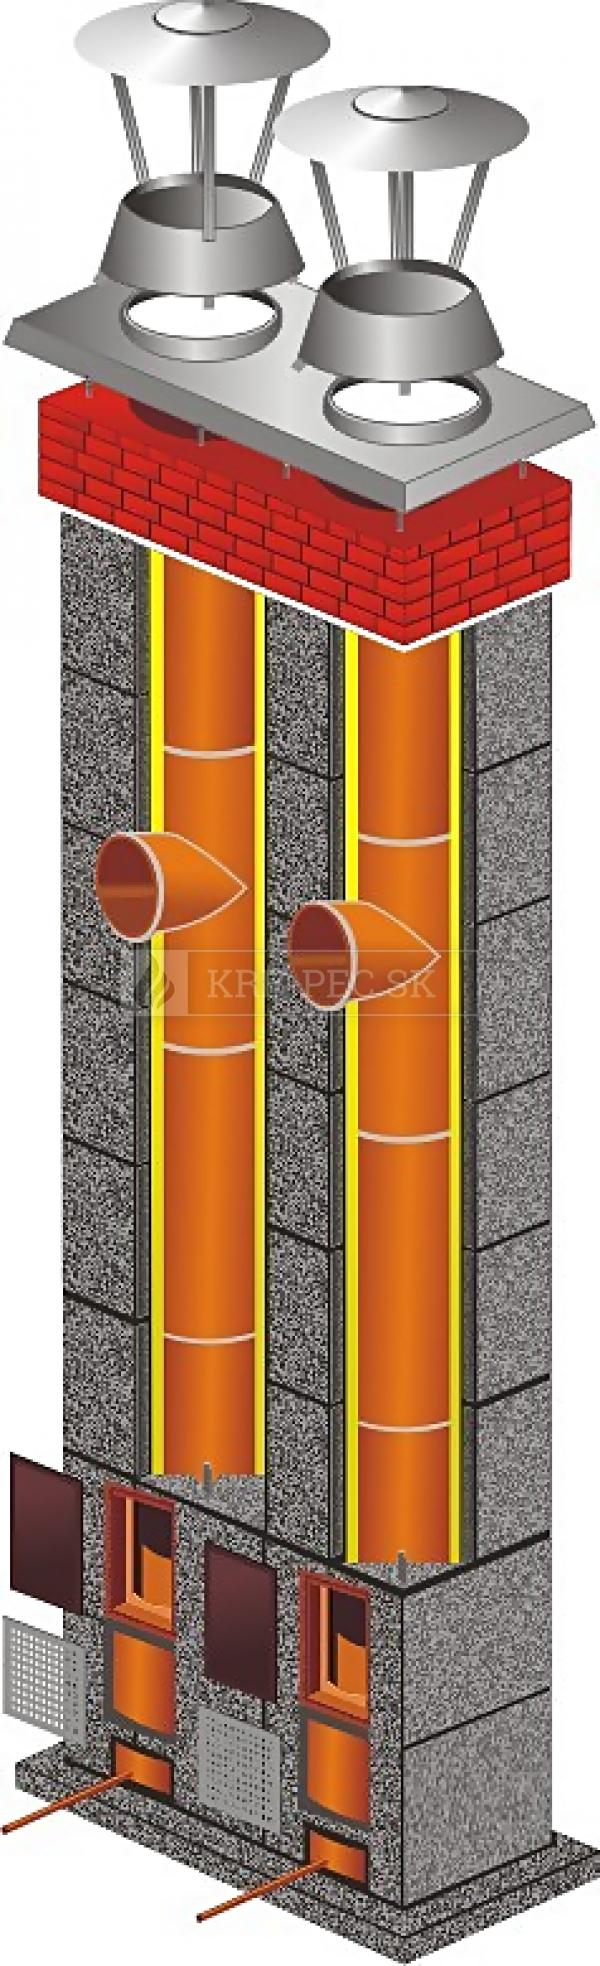 Stadreko - Dvojprieduchový komínový systém z prefabrikovaných tvárnic s vatou Ø 200 / Ø 200 krb-pec